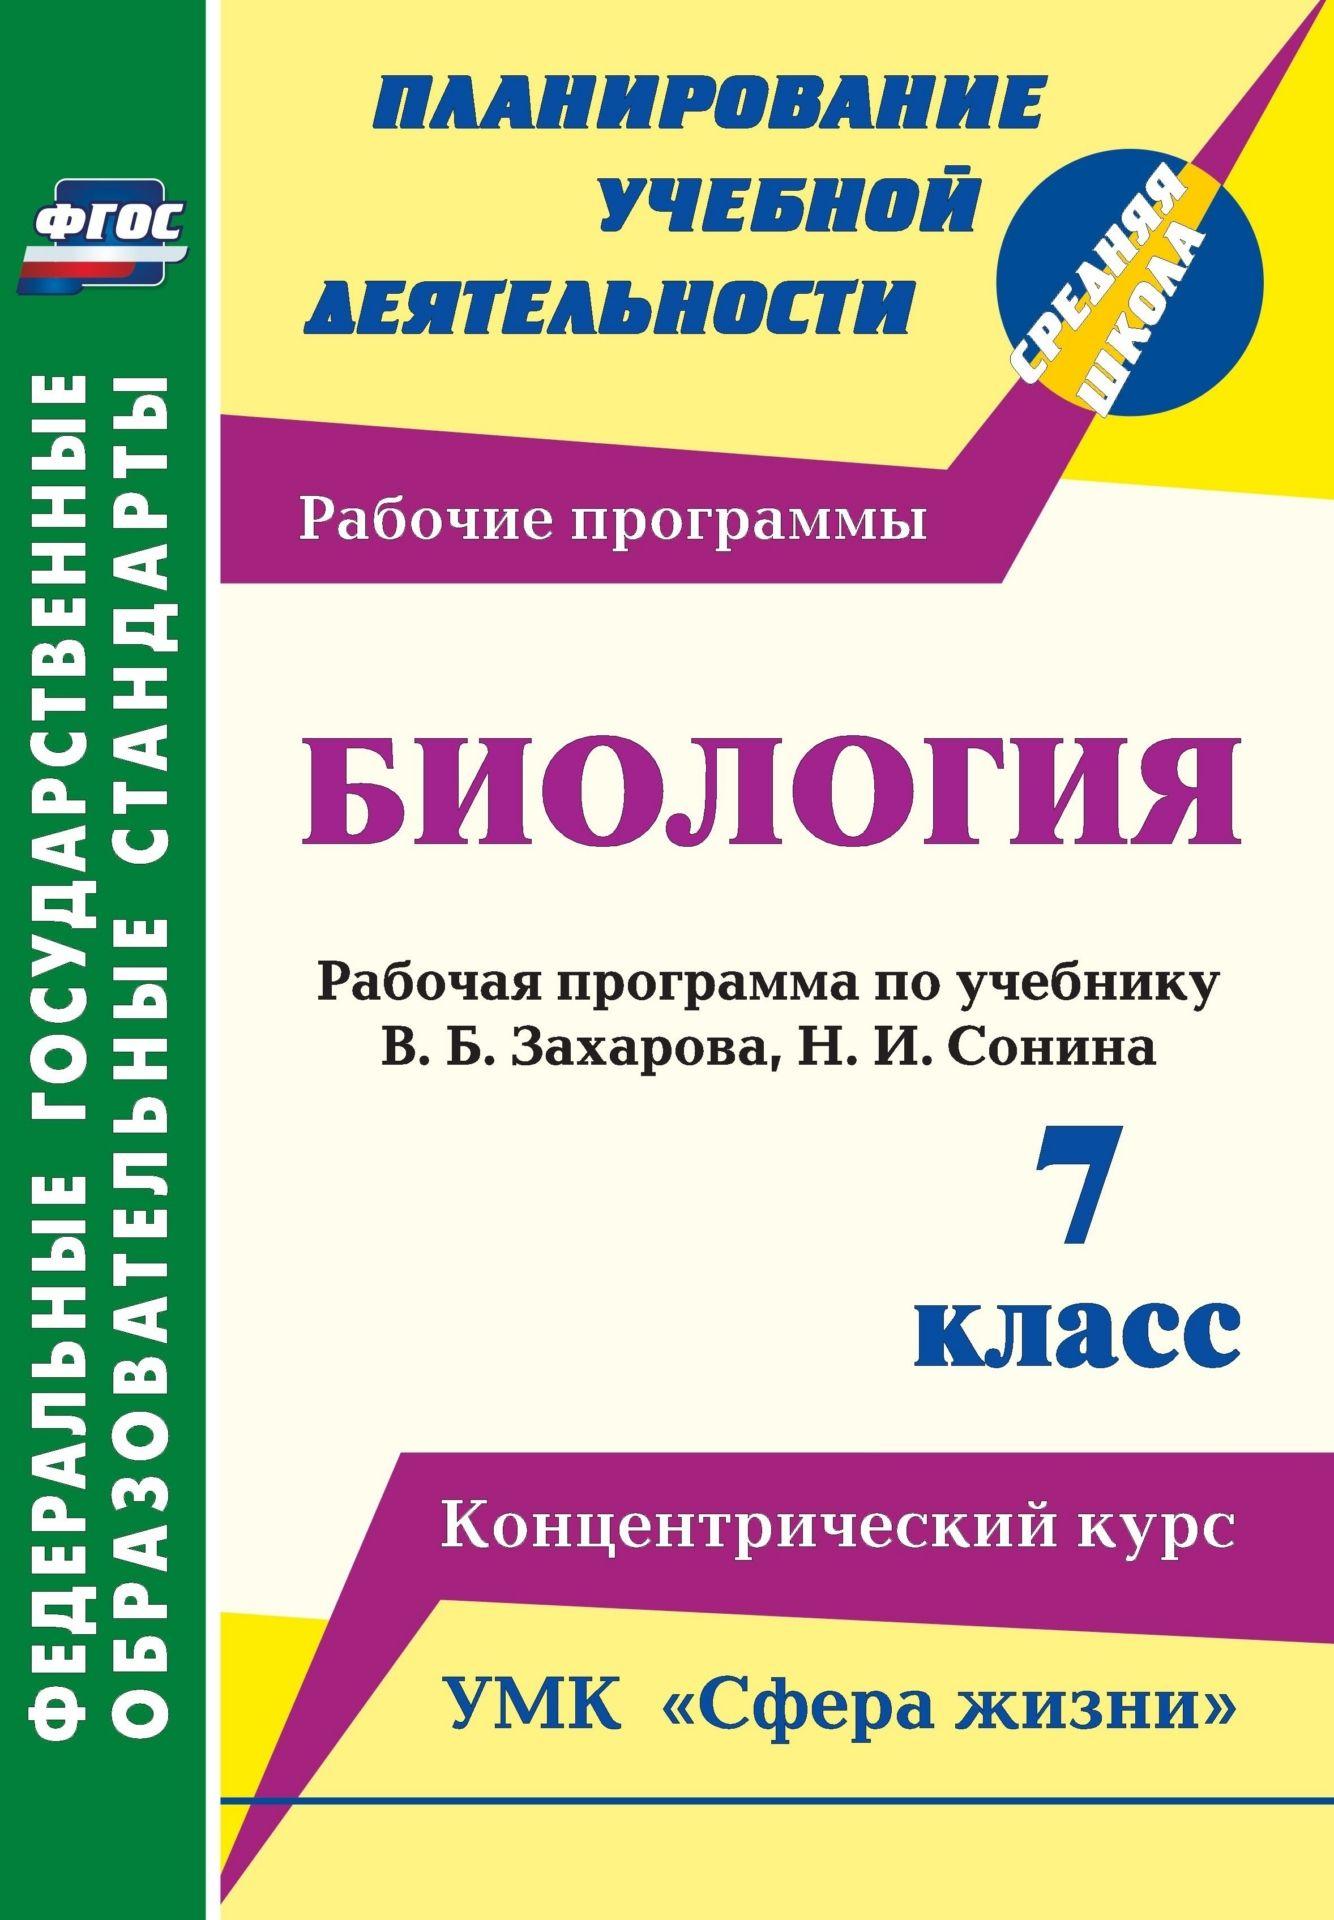 Биология. 7 класс.: Рабочая программа по учебнику В. Б. Захарова, Н. И. Сонина. УМК Сфера жизни. Концентрический курс